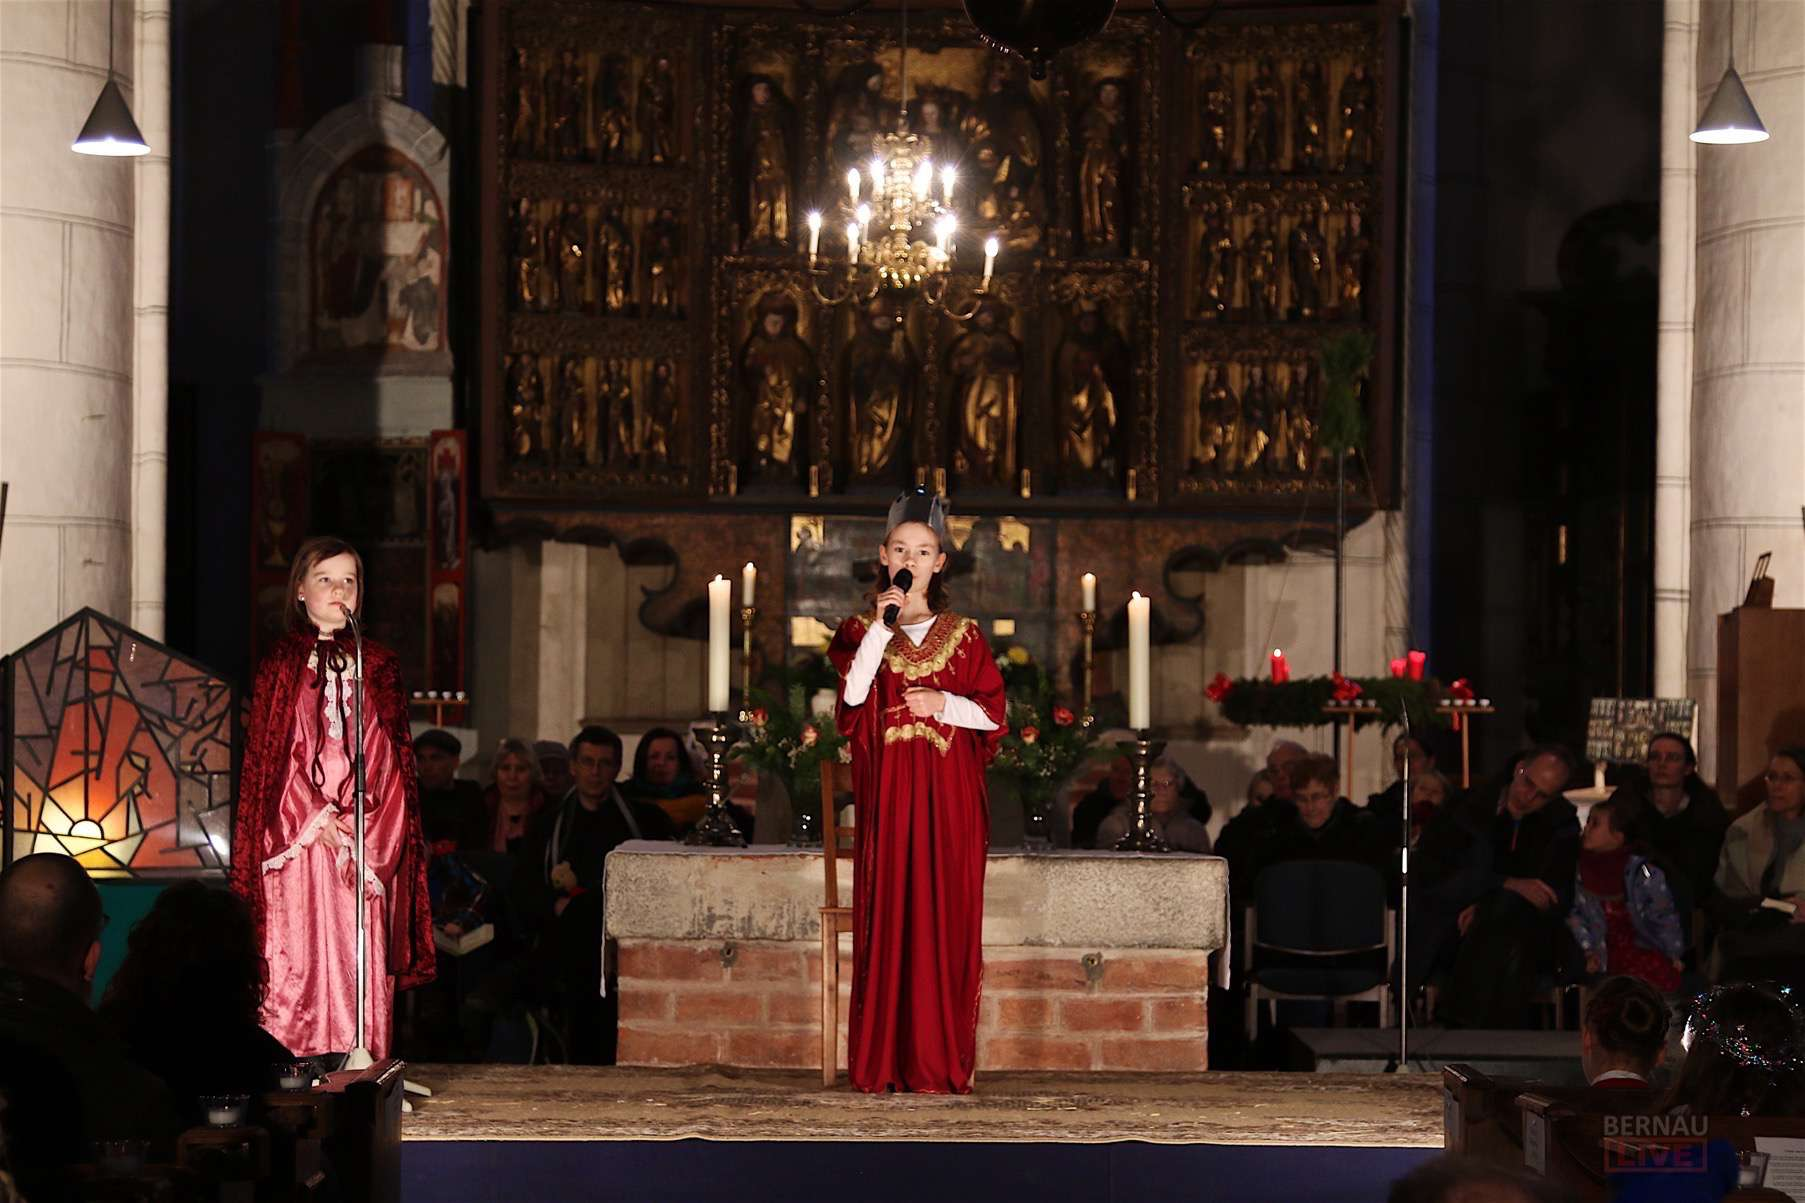 Volle Kirchen zu Weihnachten in Bernau und Barnim • Bernau LIVE